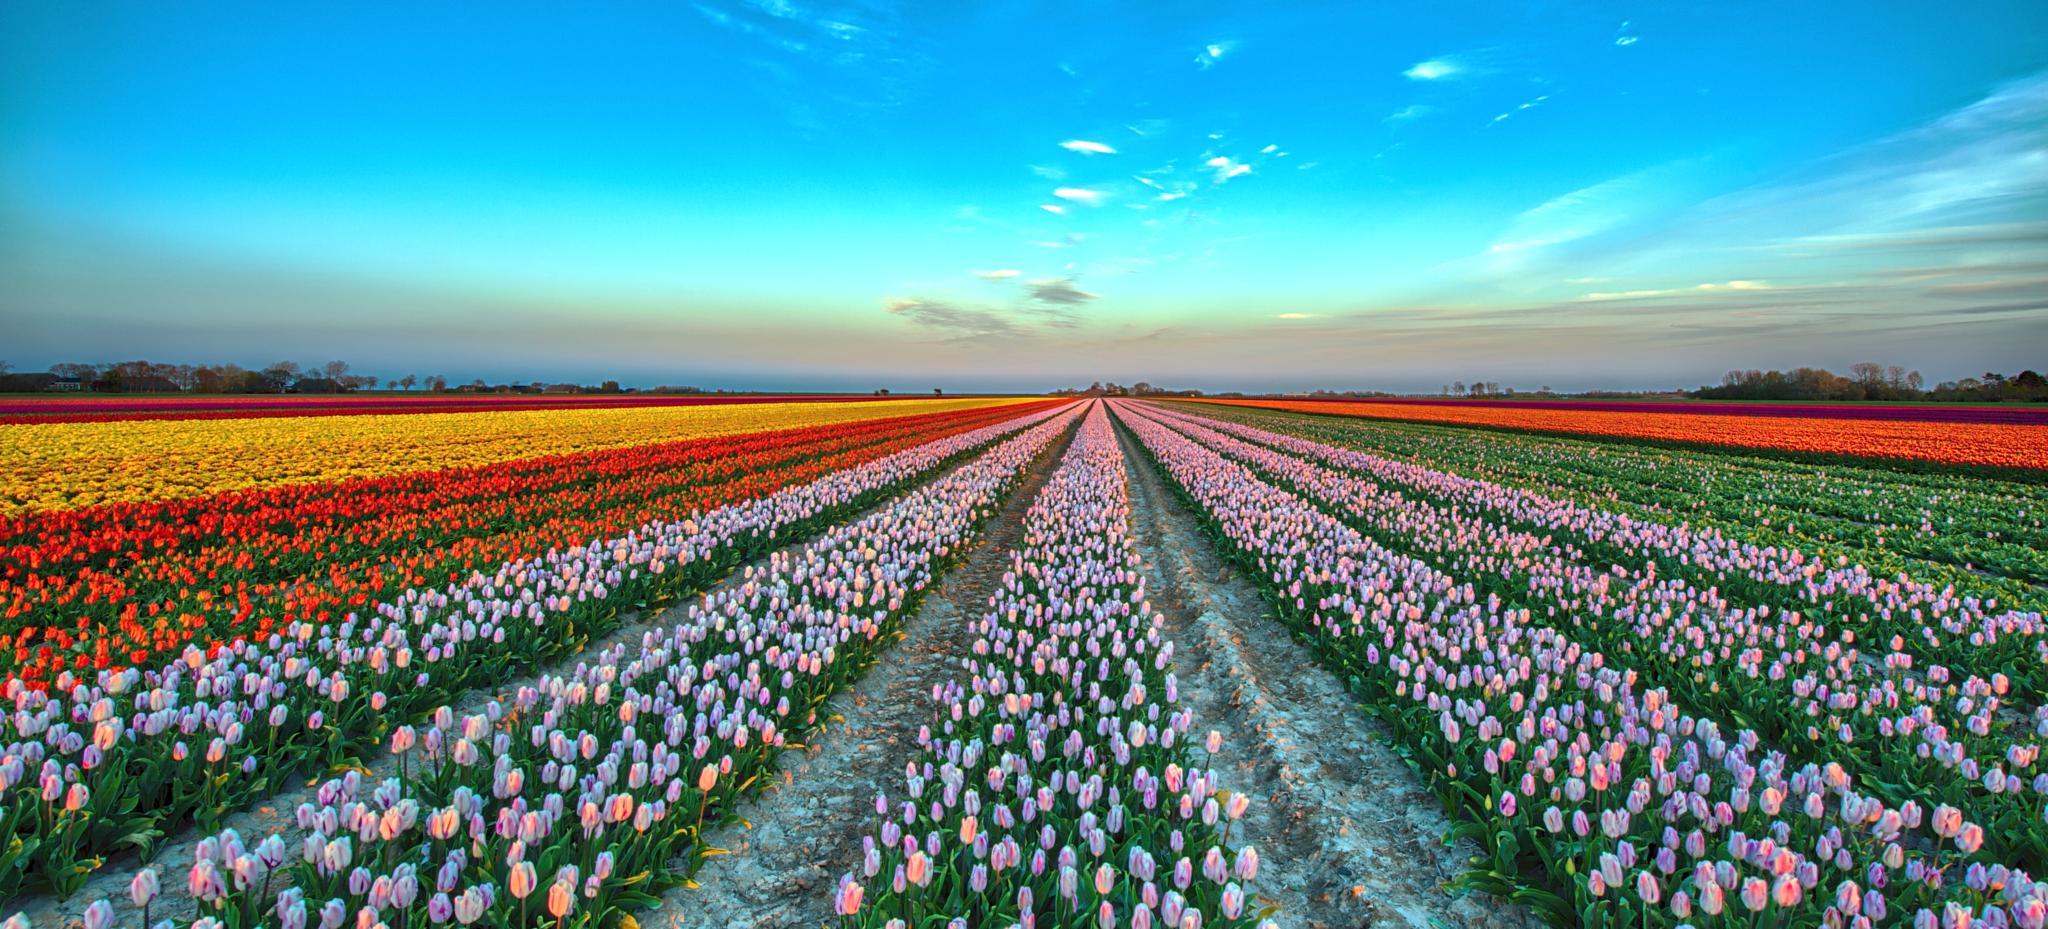 Tulips HDR by R van Wijk